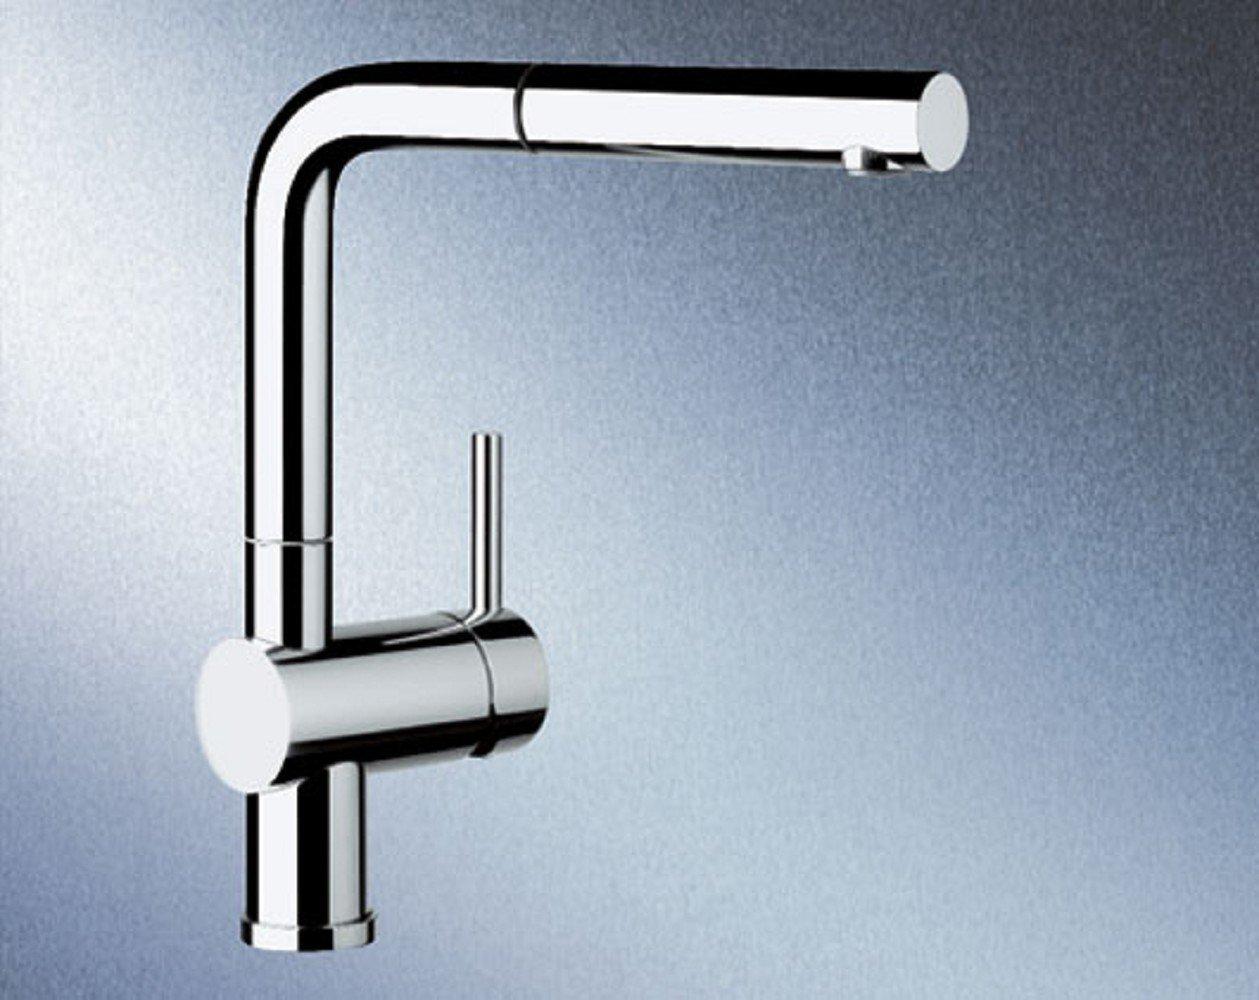 Blanco LinusS, Küchenarmatur, Niederdruck, chrom, 512200  BaumarktKundenbewertung und weitere Informationen